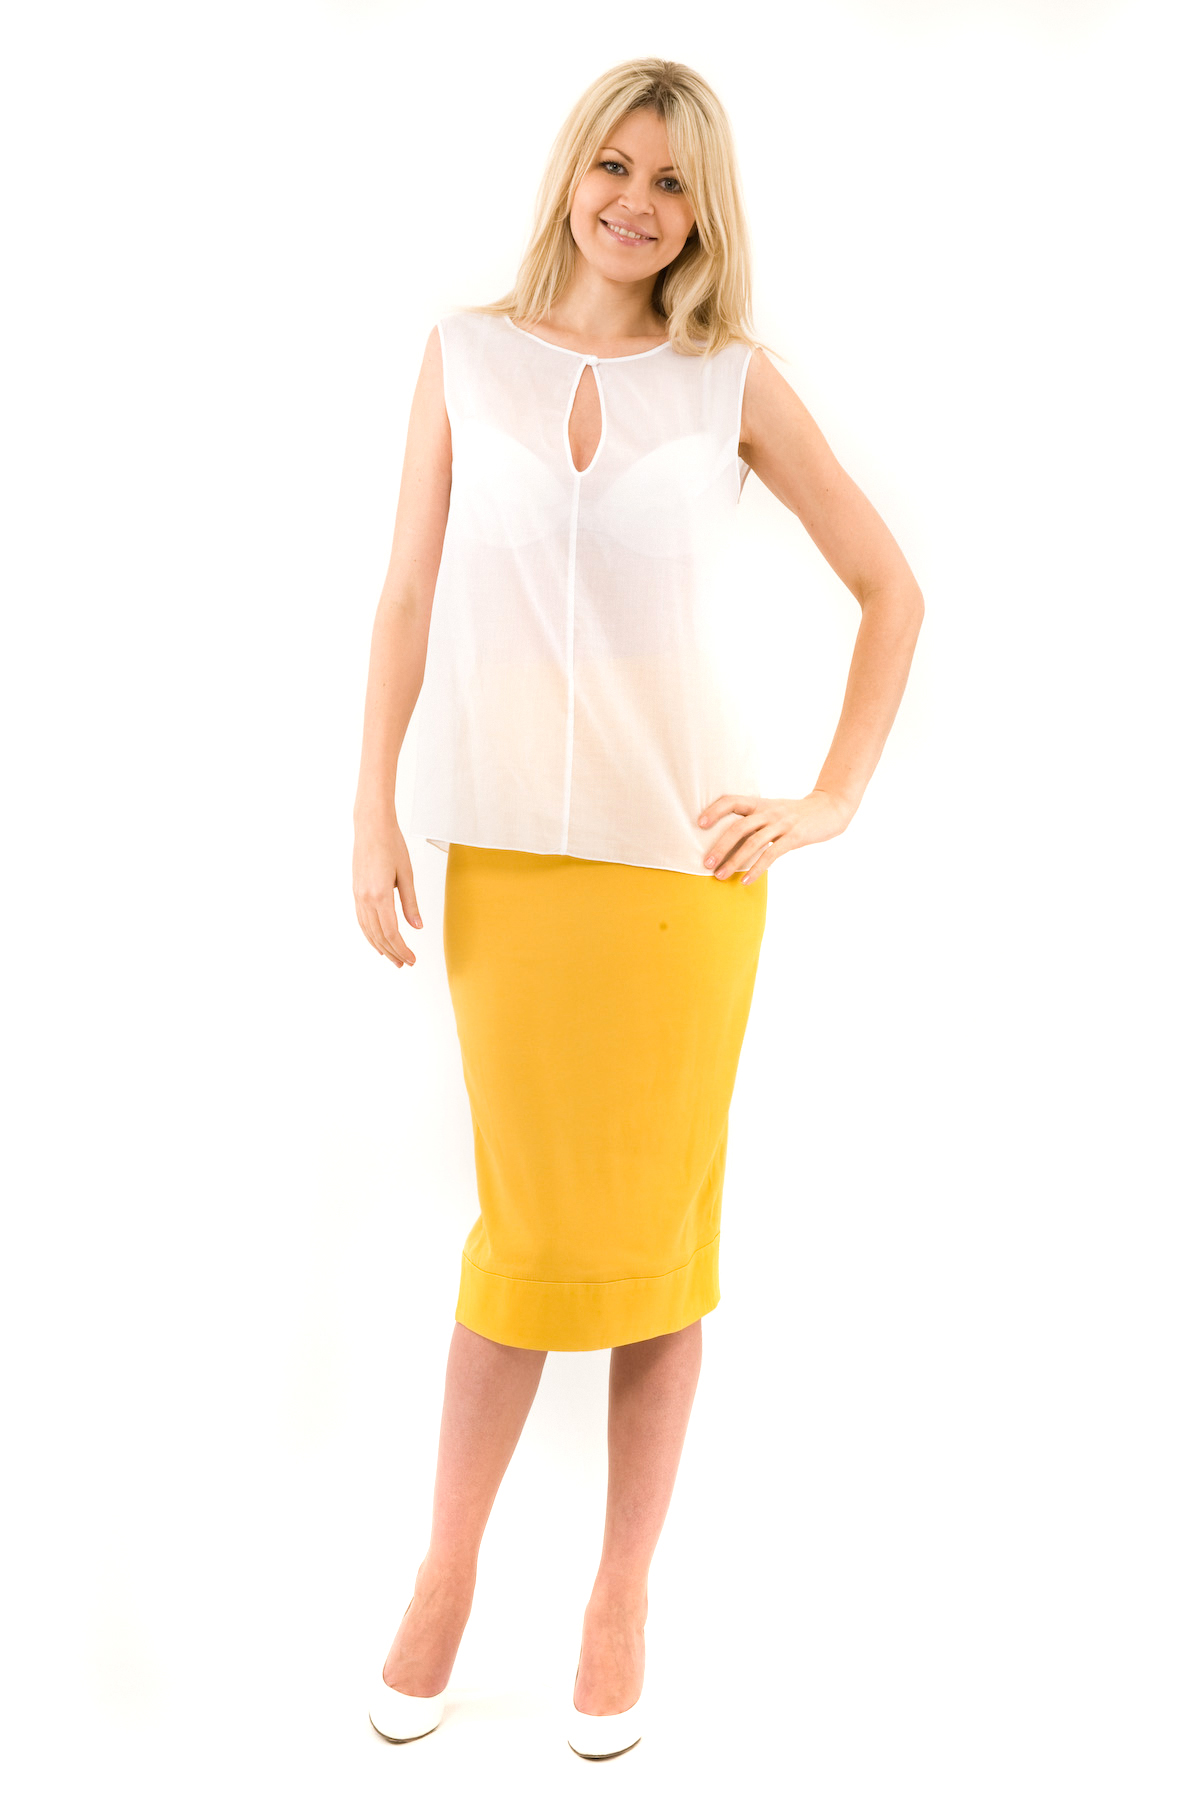 БлузаЖенские блузки<br>Эффектная блузка Doctor E элегантного лаконичного дизайна. Модель выполнена из легкого полупрозрачного материала. Восхитительное дополнение к Вашему повседневному гардеробу.<br><br>Цвет: белый<br>Состав: 100% хлопок<br>Размер: 46,48,50,52<br>Страна дизайна: Россия<br>Страна производства: Россия